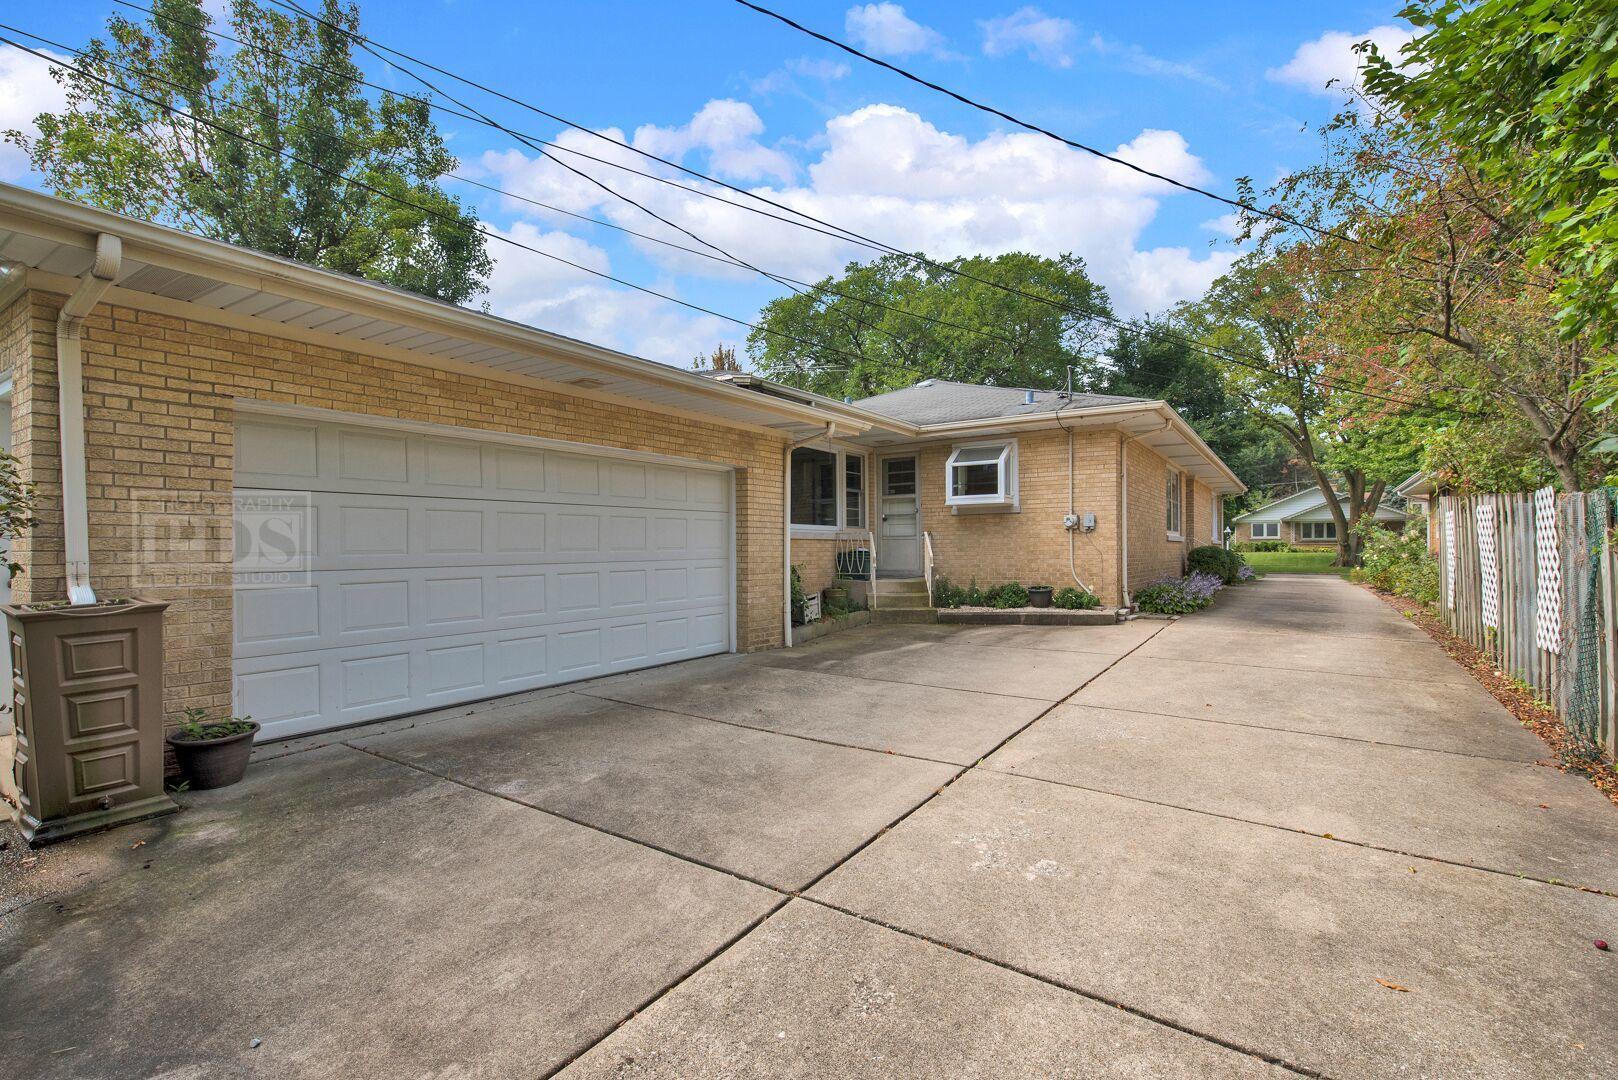 1011 South Waiola, La Grange, Illinois, 60525